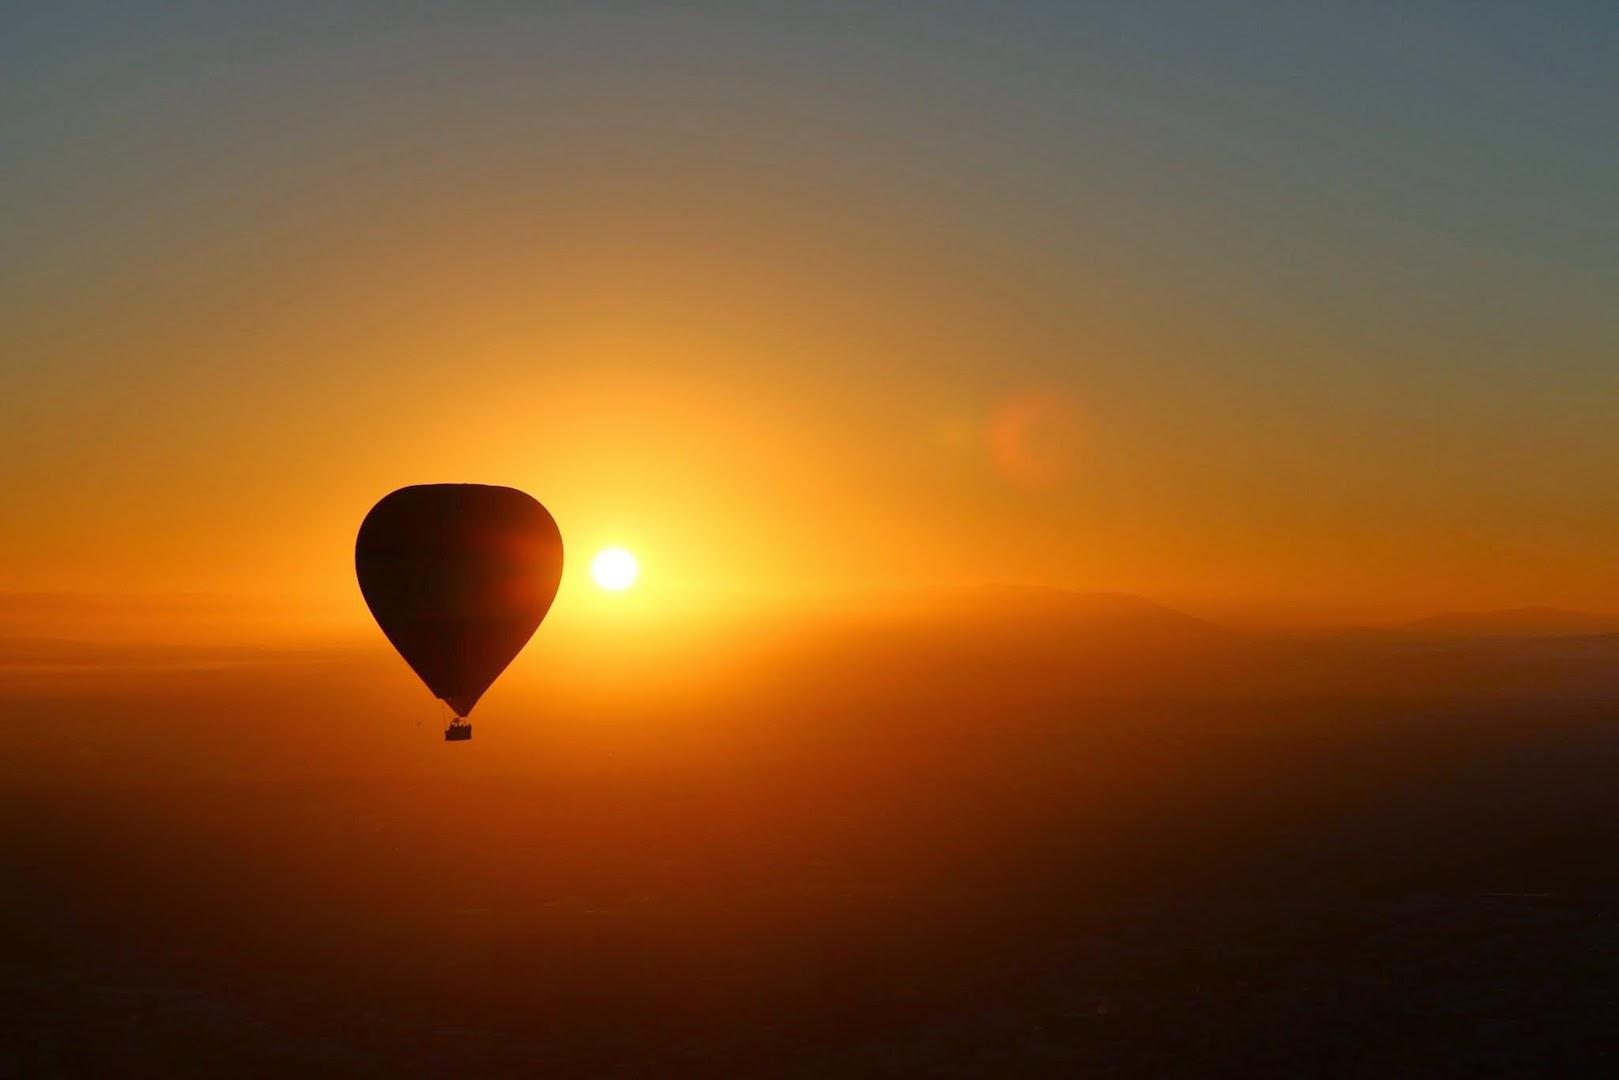 Adventure Balloon Flight inTasmania